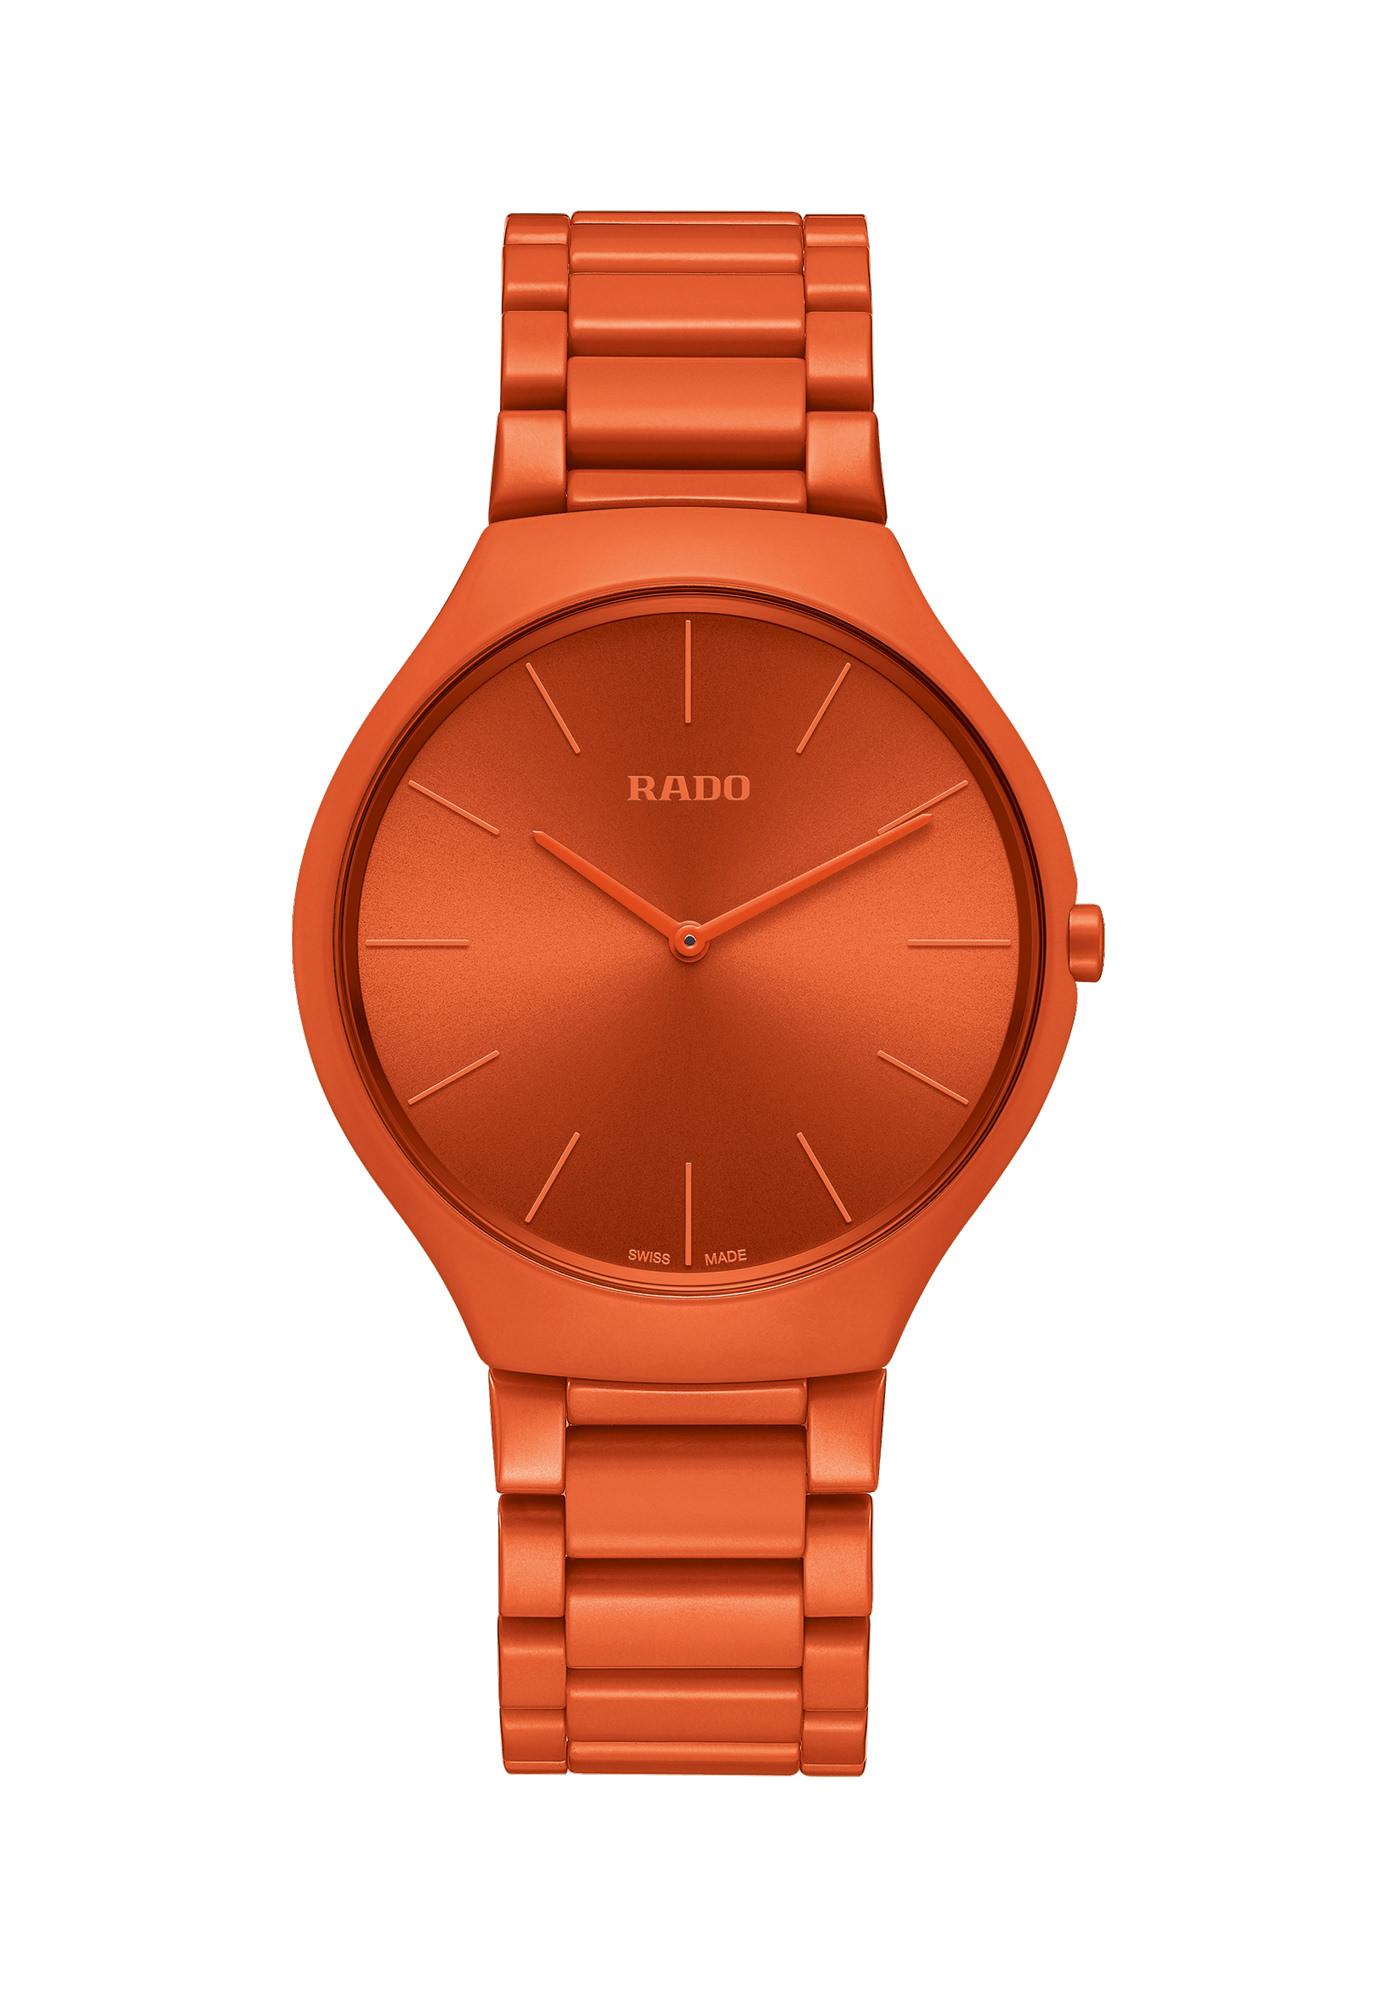 Rado Montres True Thinline Les Couleurs Le Corbusier Spectacular Powerful Orange 4320s